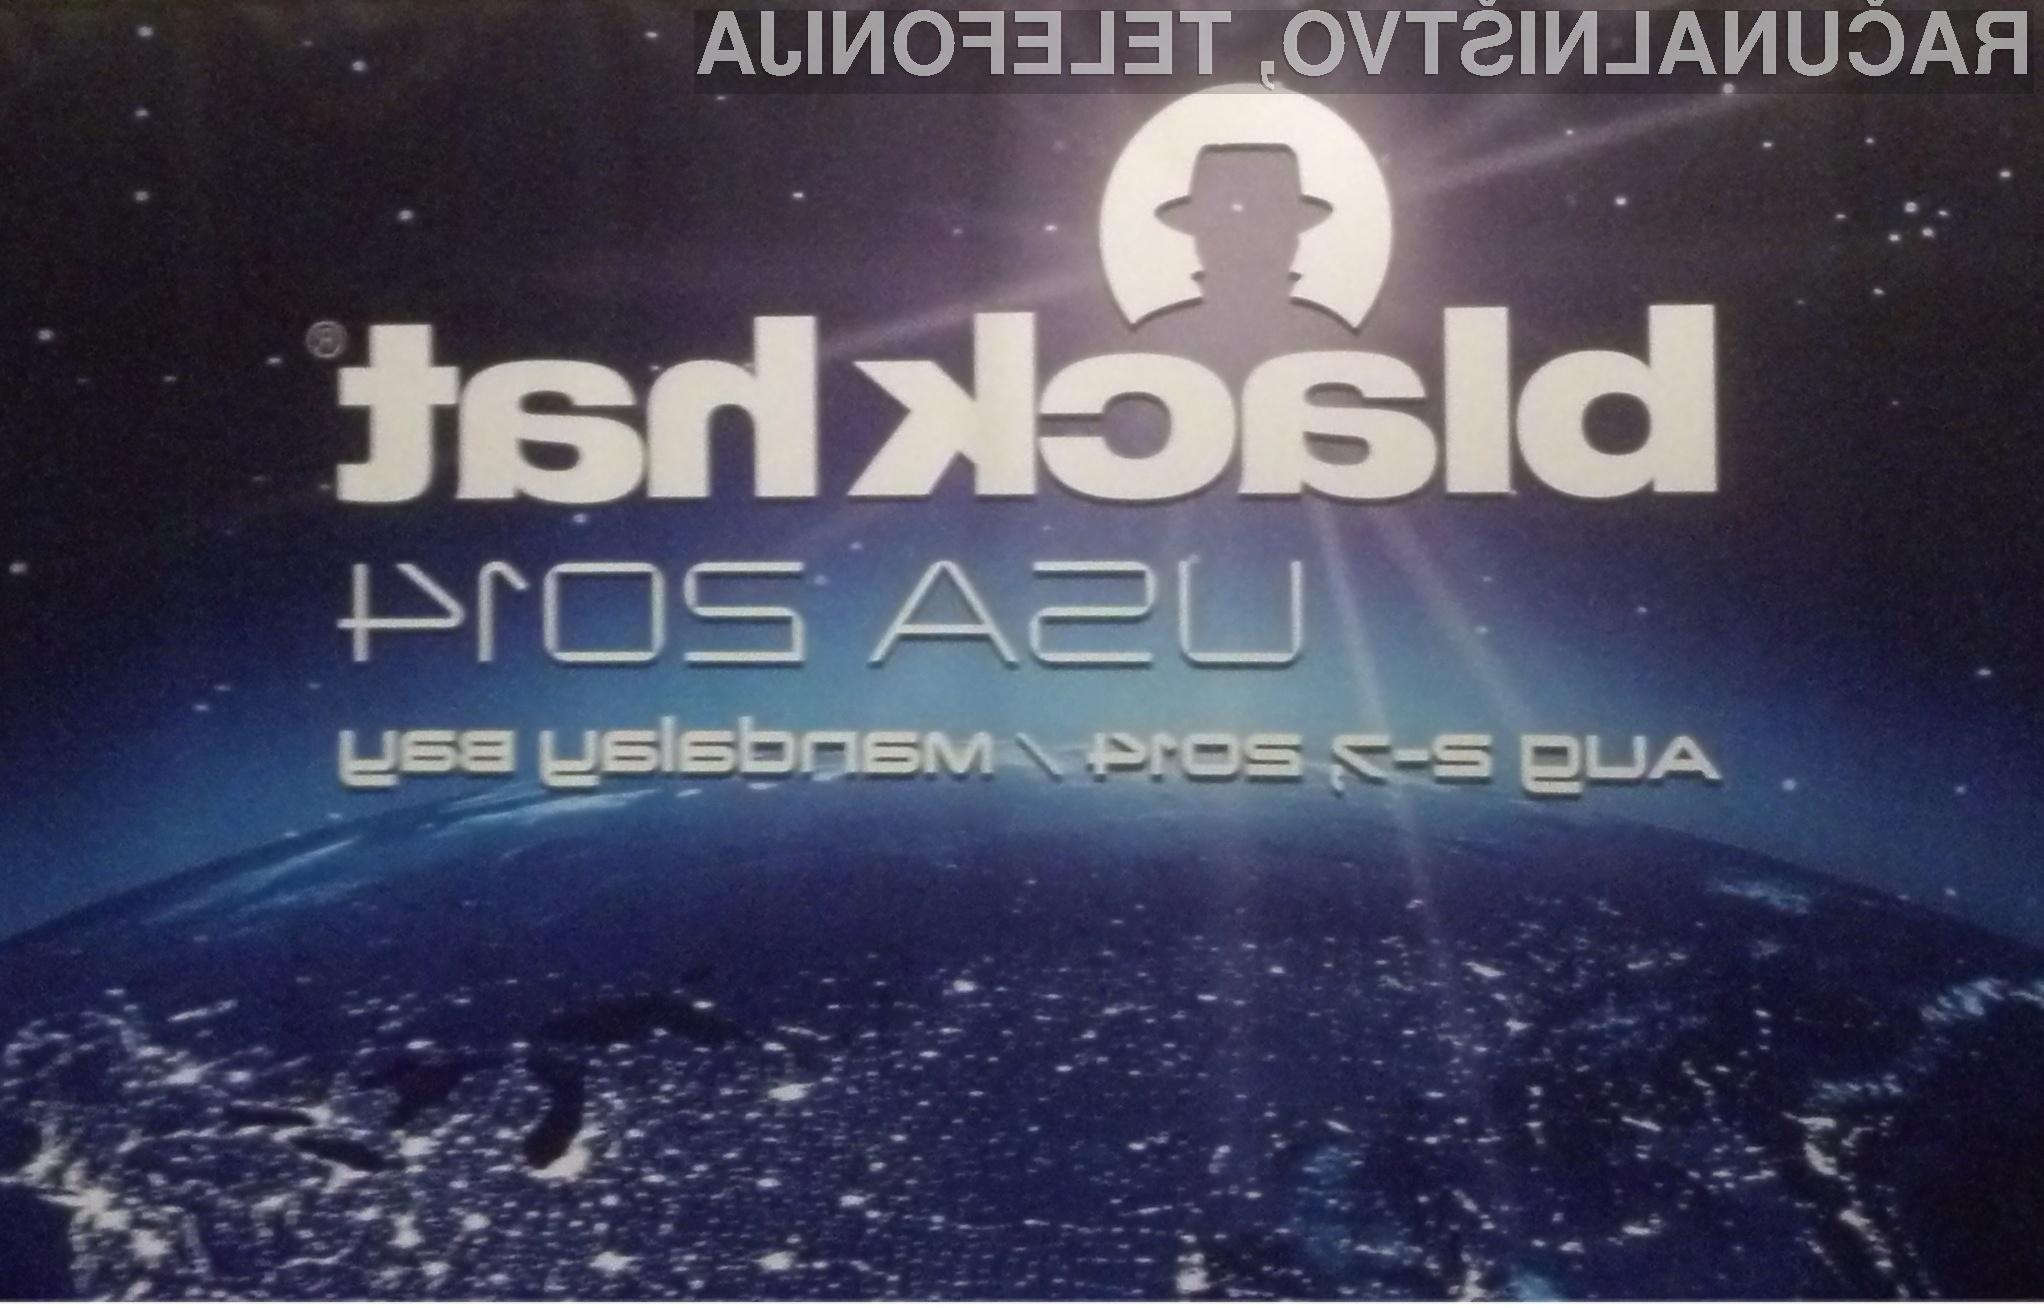 Ameriška vlada naj bi kitajskim hekerjem onemogočila udeležbo na hekerskih konferencah Defcon in Black Hat.